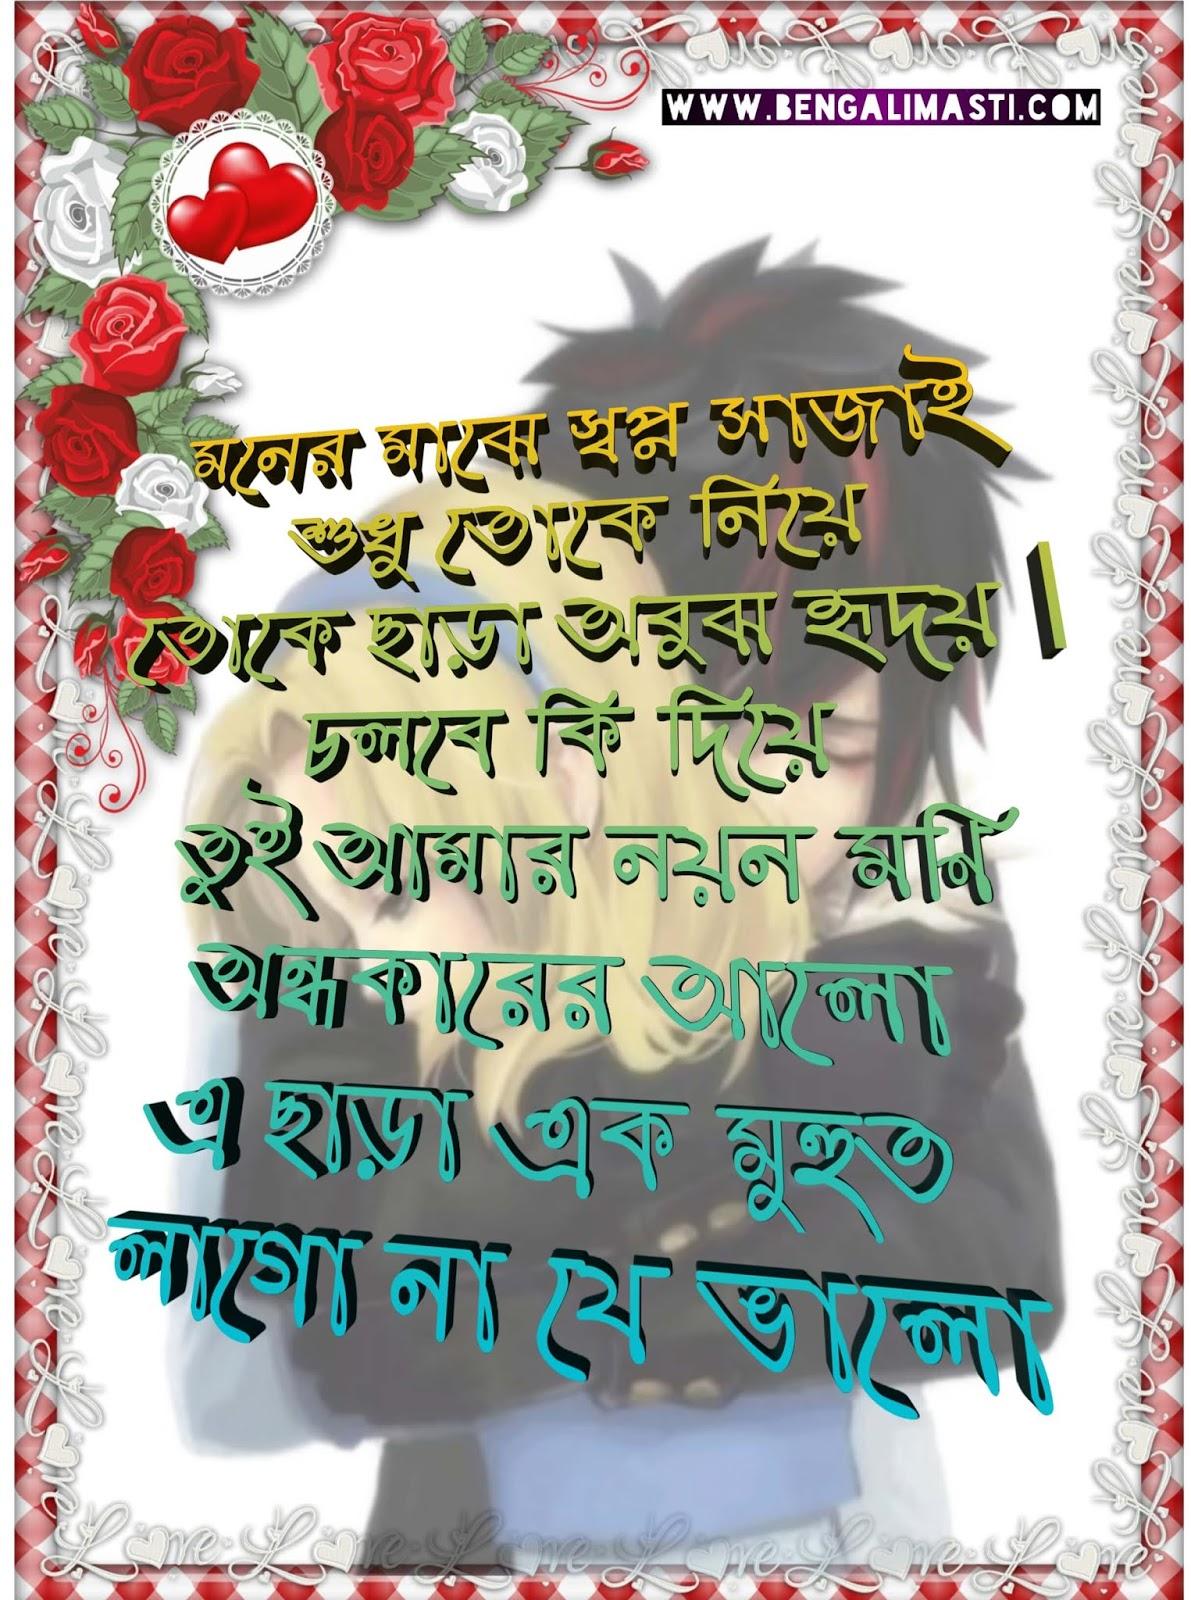 Bangla Shayari image download